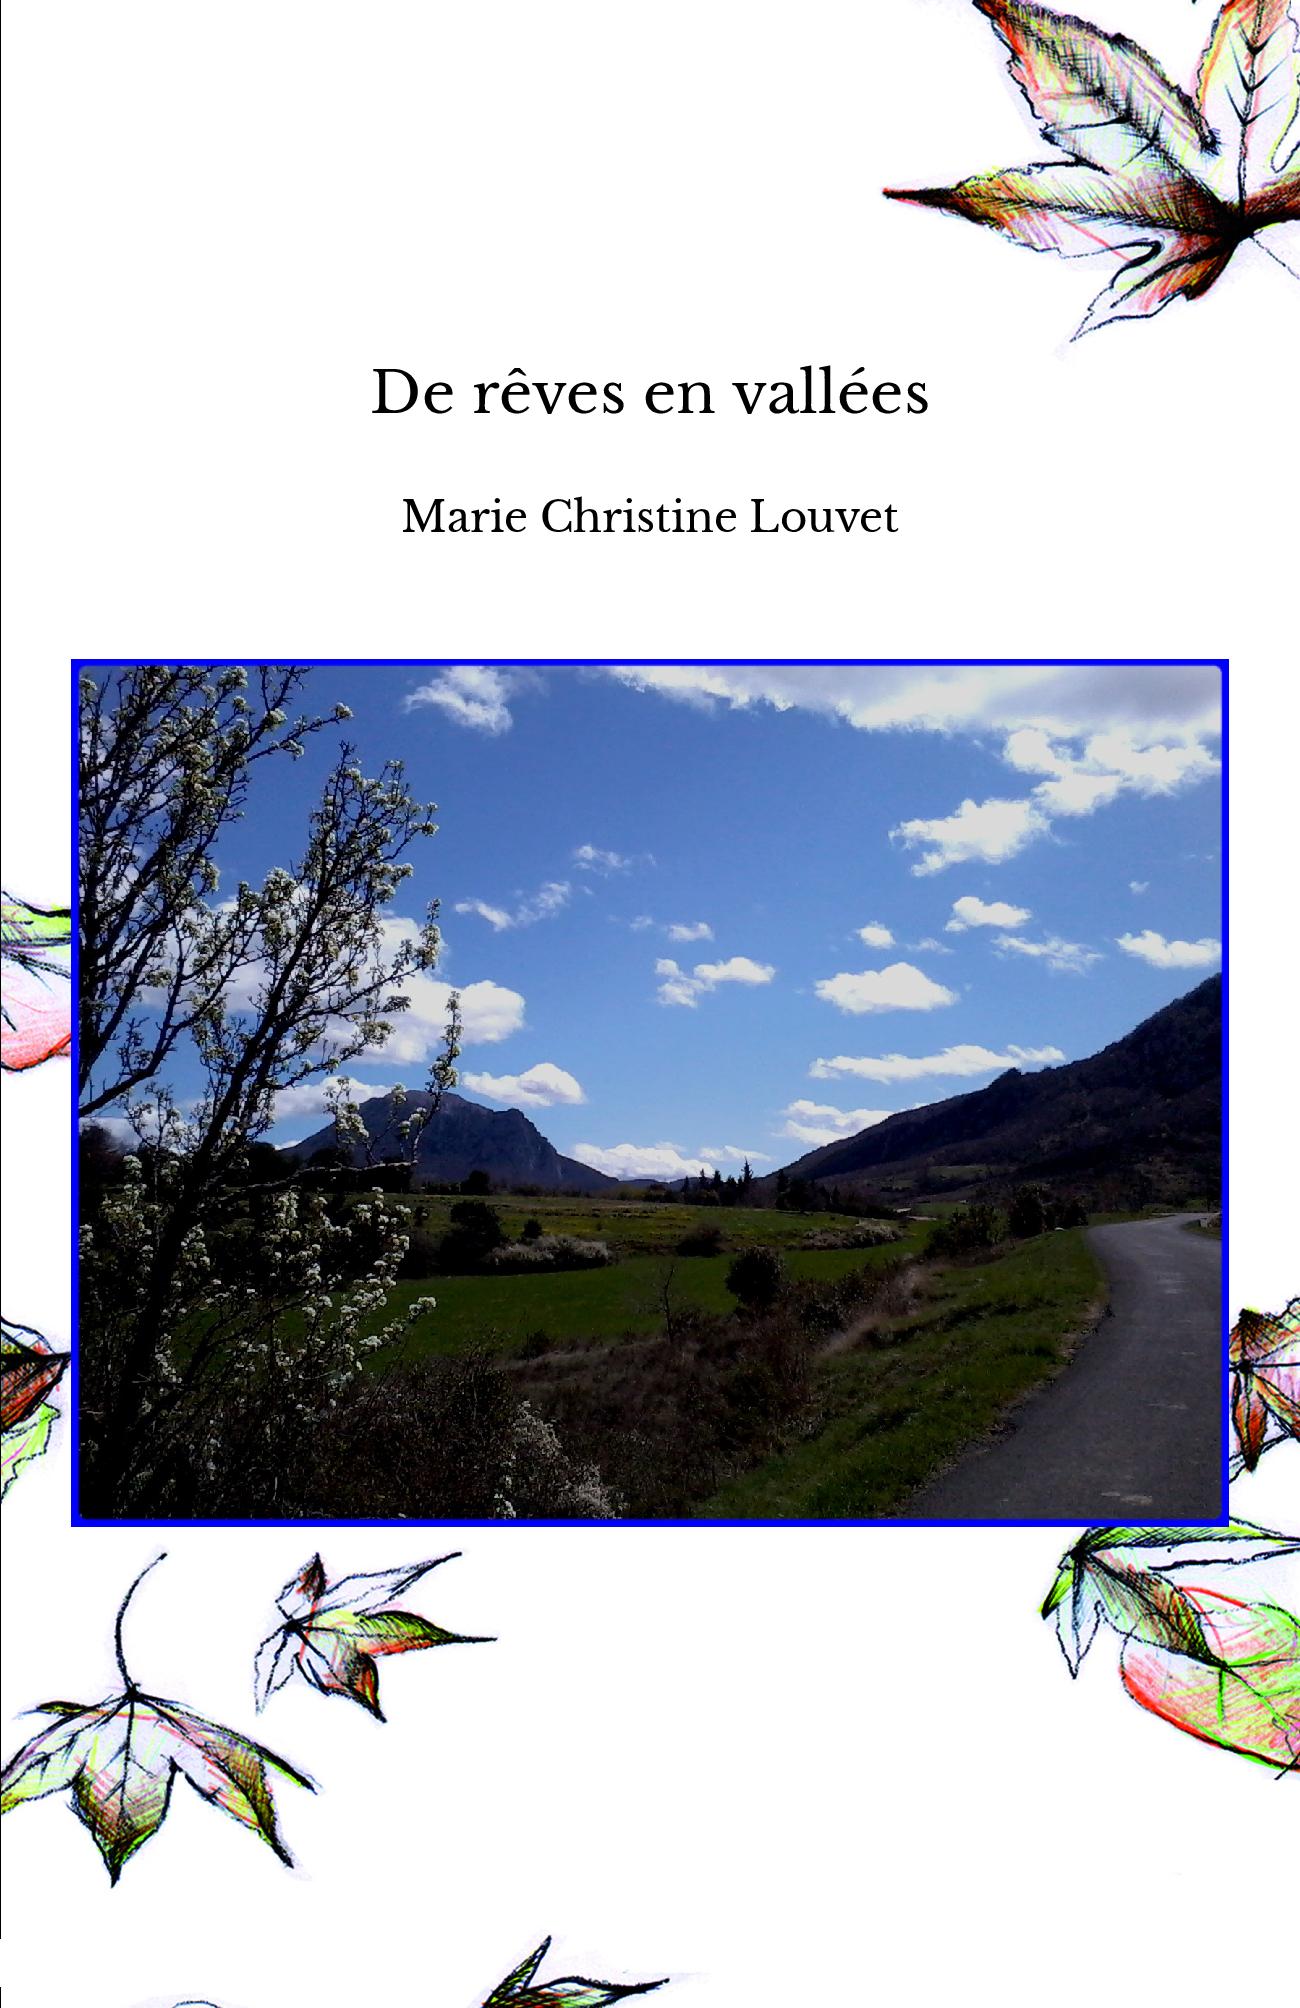 De rêves en vallées